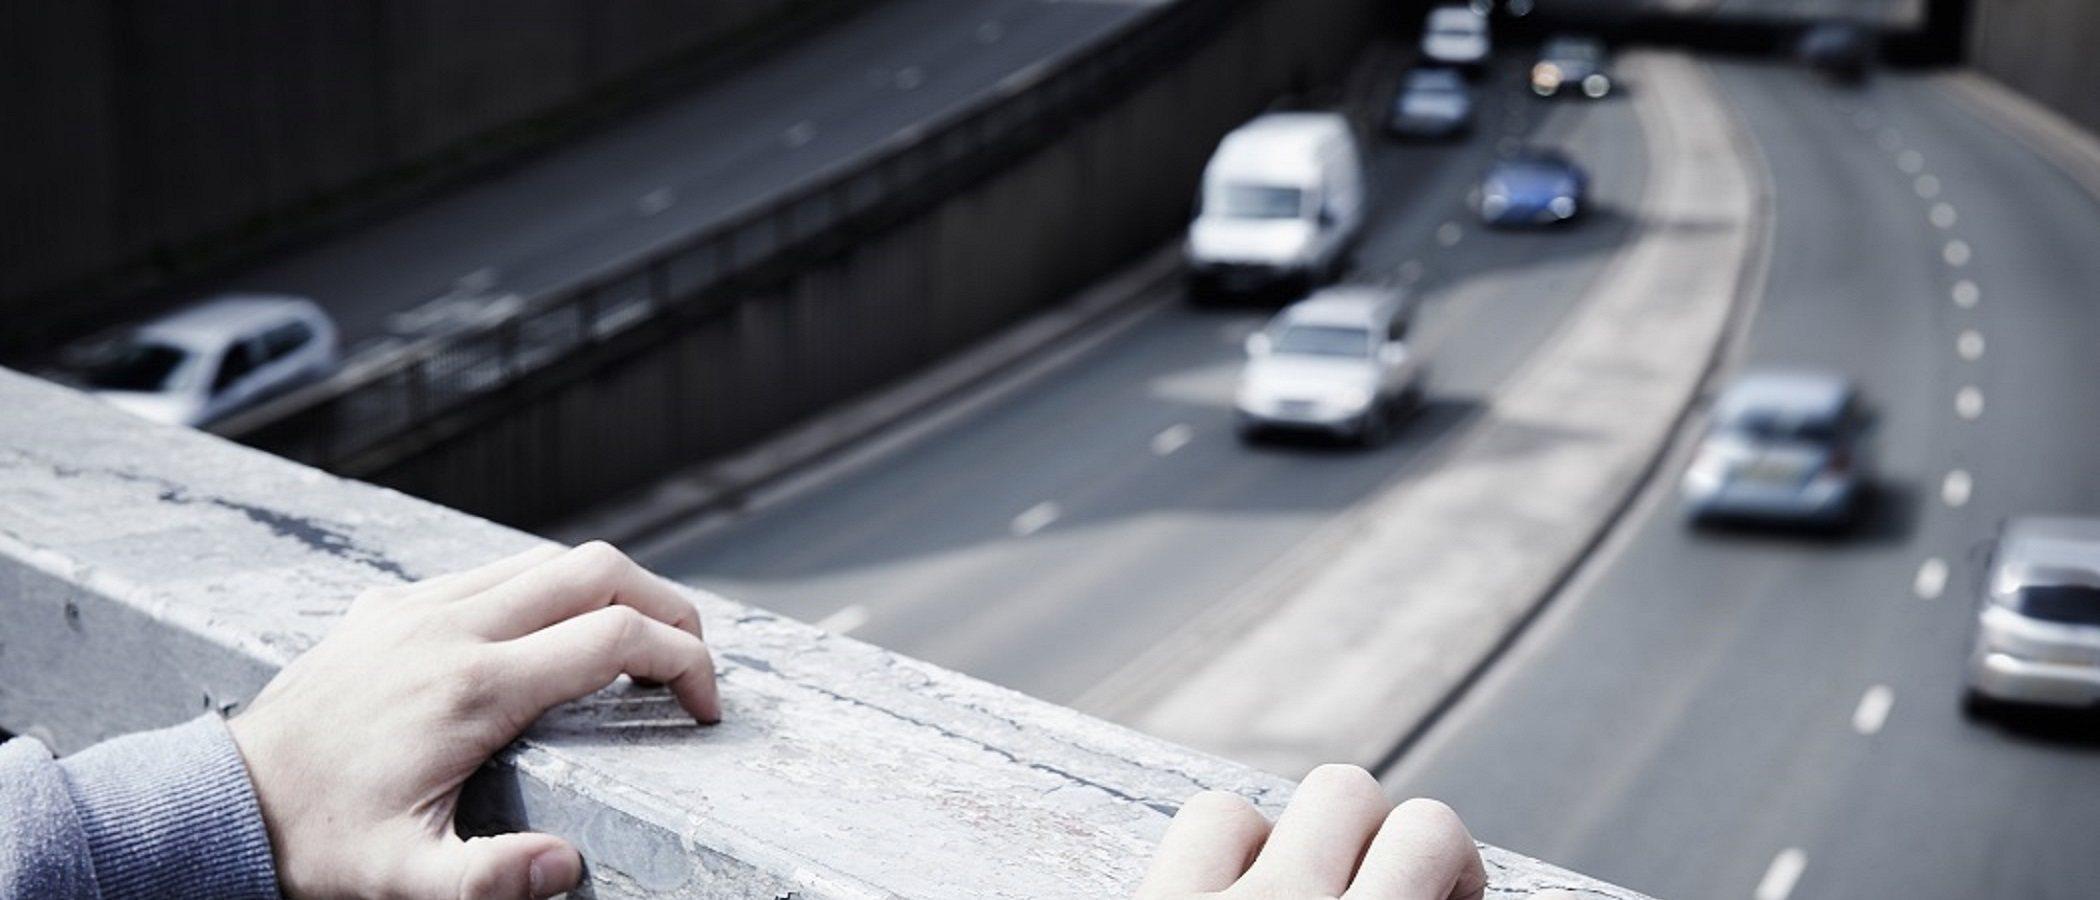 Causas comunes del suicidio en la adolescencia